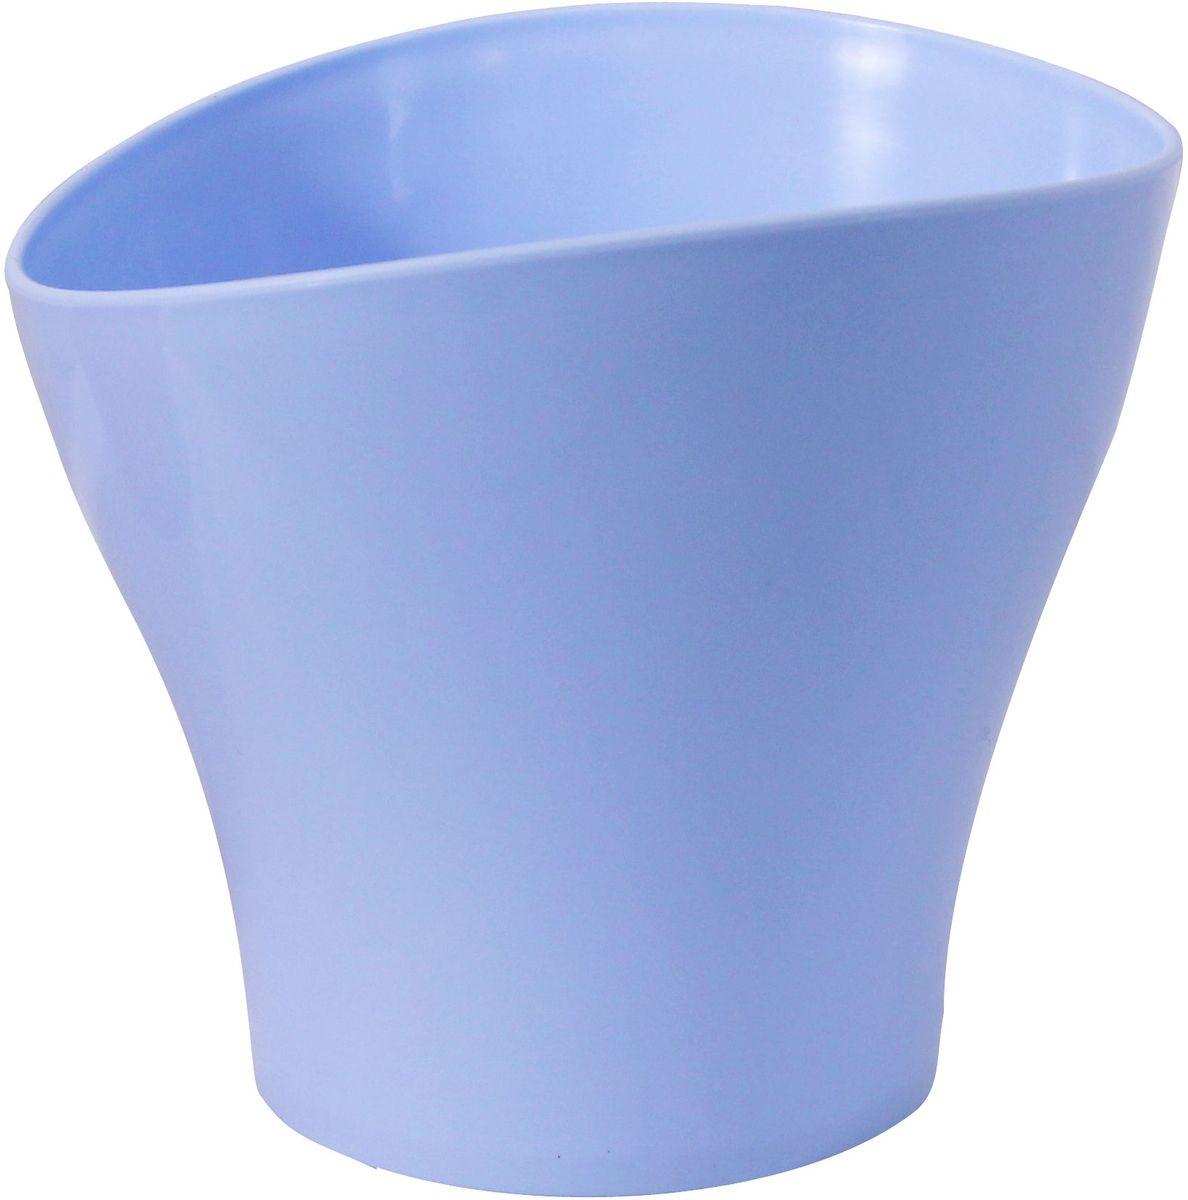 Кашпо Idea Волна, цвет: голубой, 800 млМ 3102Кашпо Idea Волна изготовлено из прочного полипропилена (пластика) и предназначено для выращивания растений, цветов и трав в домашних условиях. Такое кашпо порадует вас функциональностью, а благодаря лаконичному дизайну впишется в любой интерьер помещения. Объем кашпо: 0,8 л.